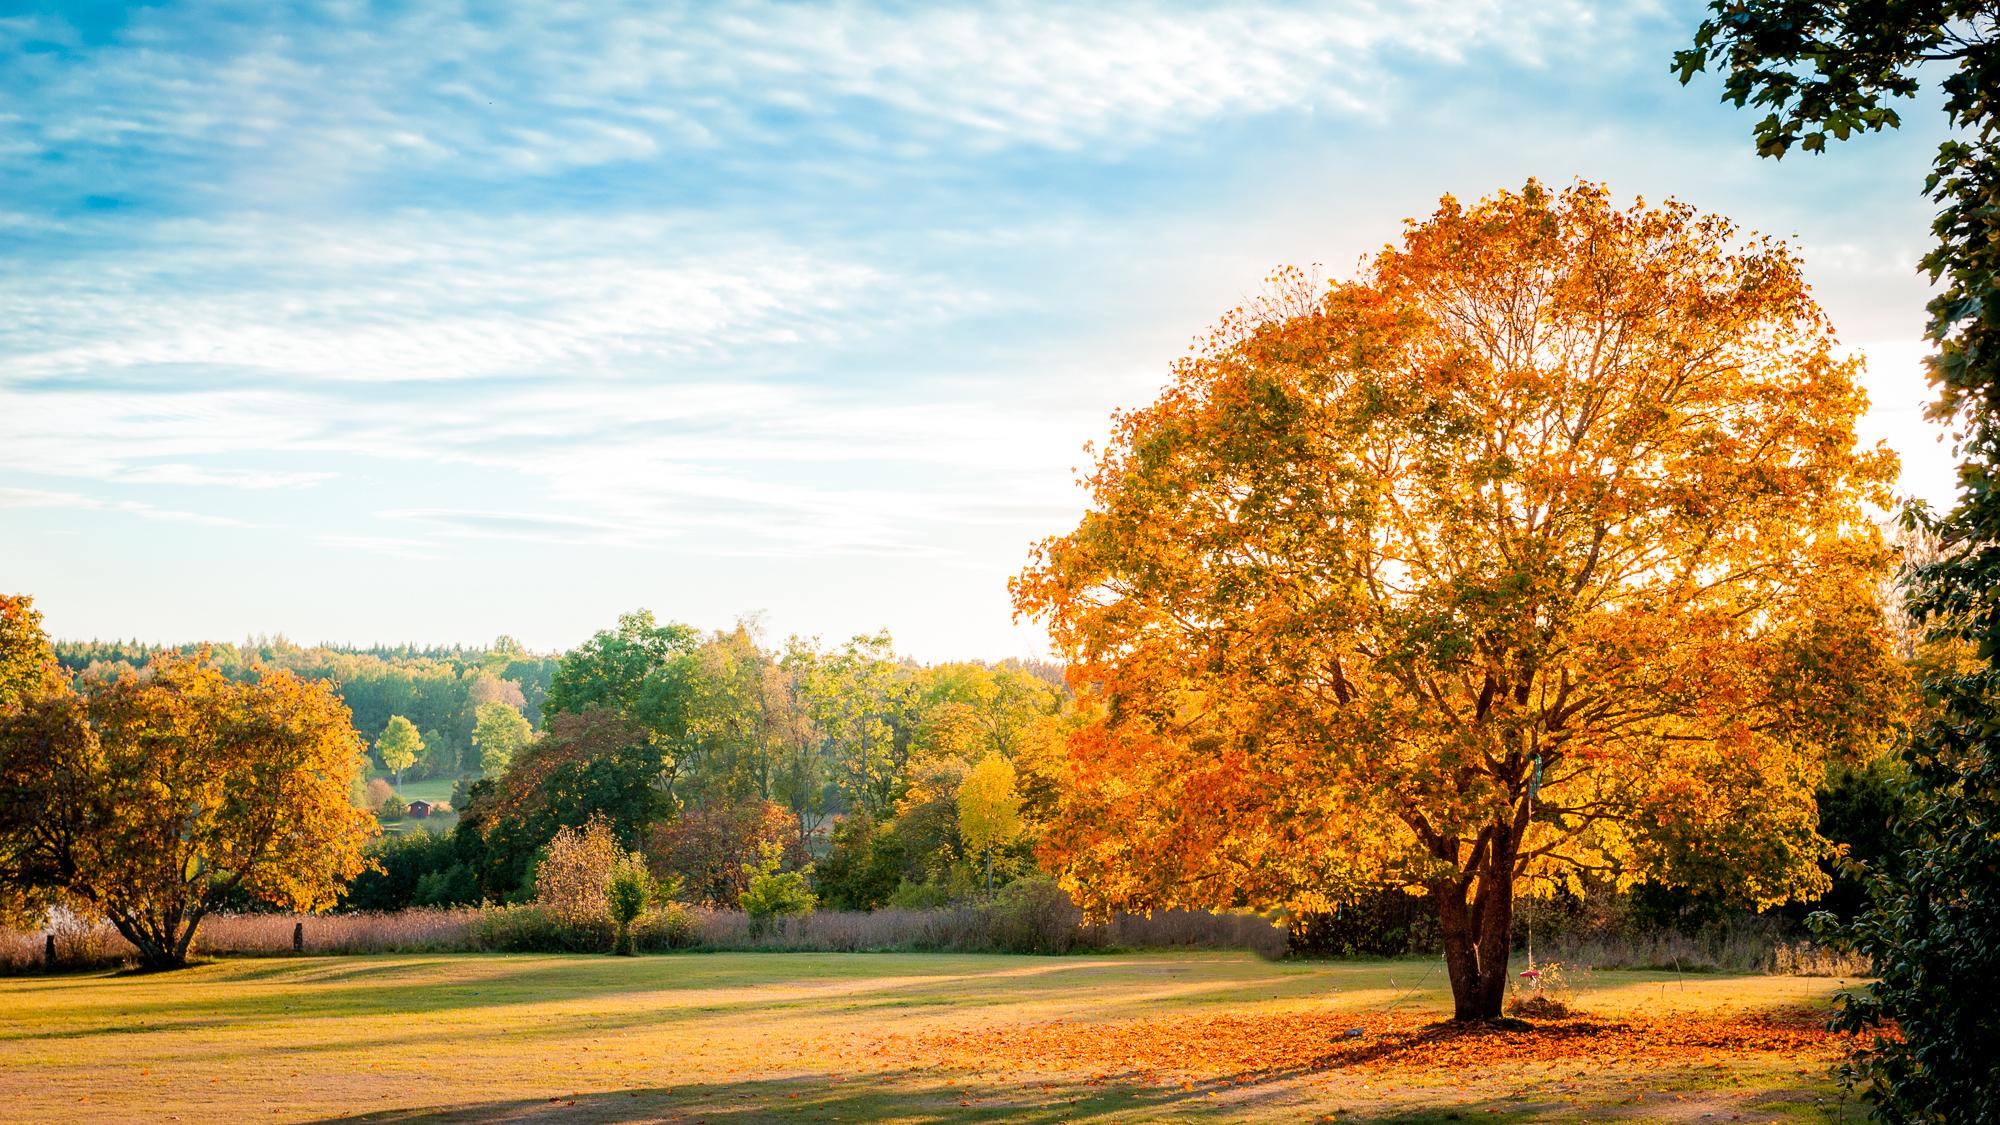 обои широкоформатные на рабочий стол бесплатно красивая природа осень № 241160 бесплатно